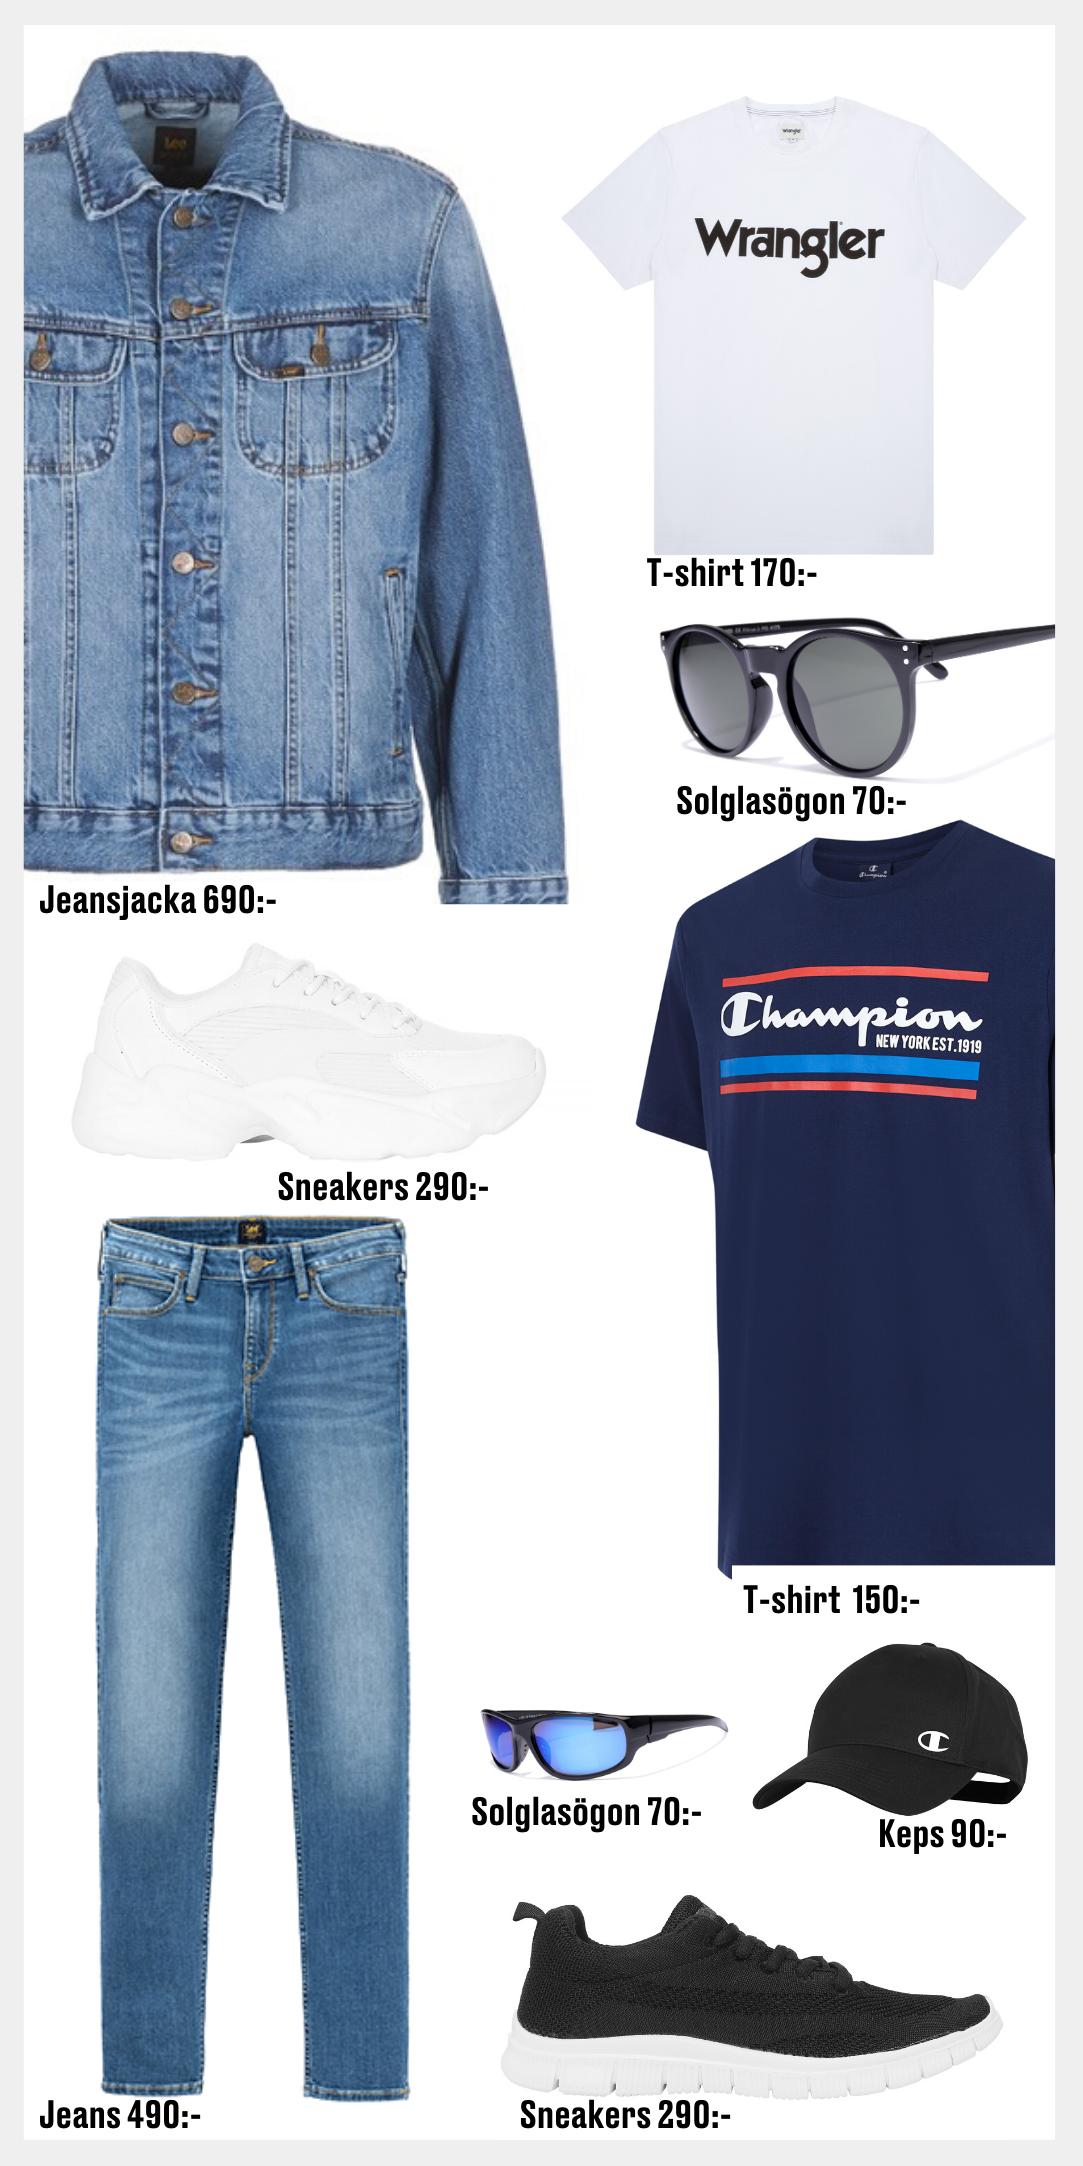 Jeansjacka Åhlens Outlet